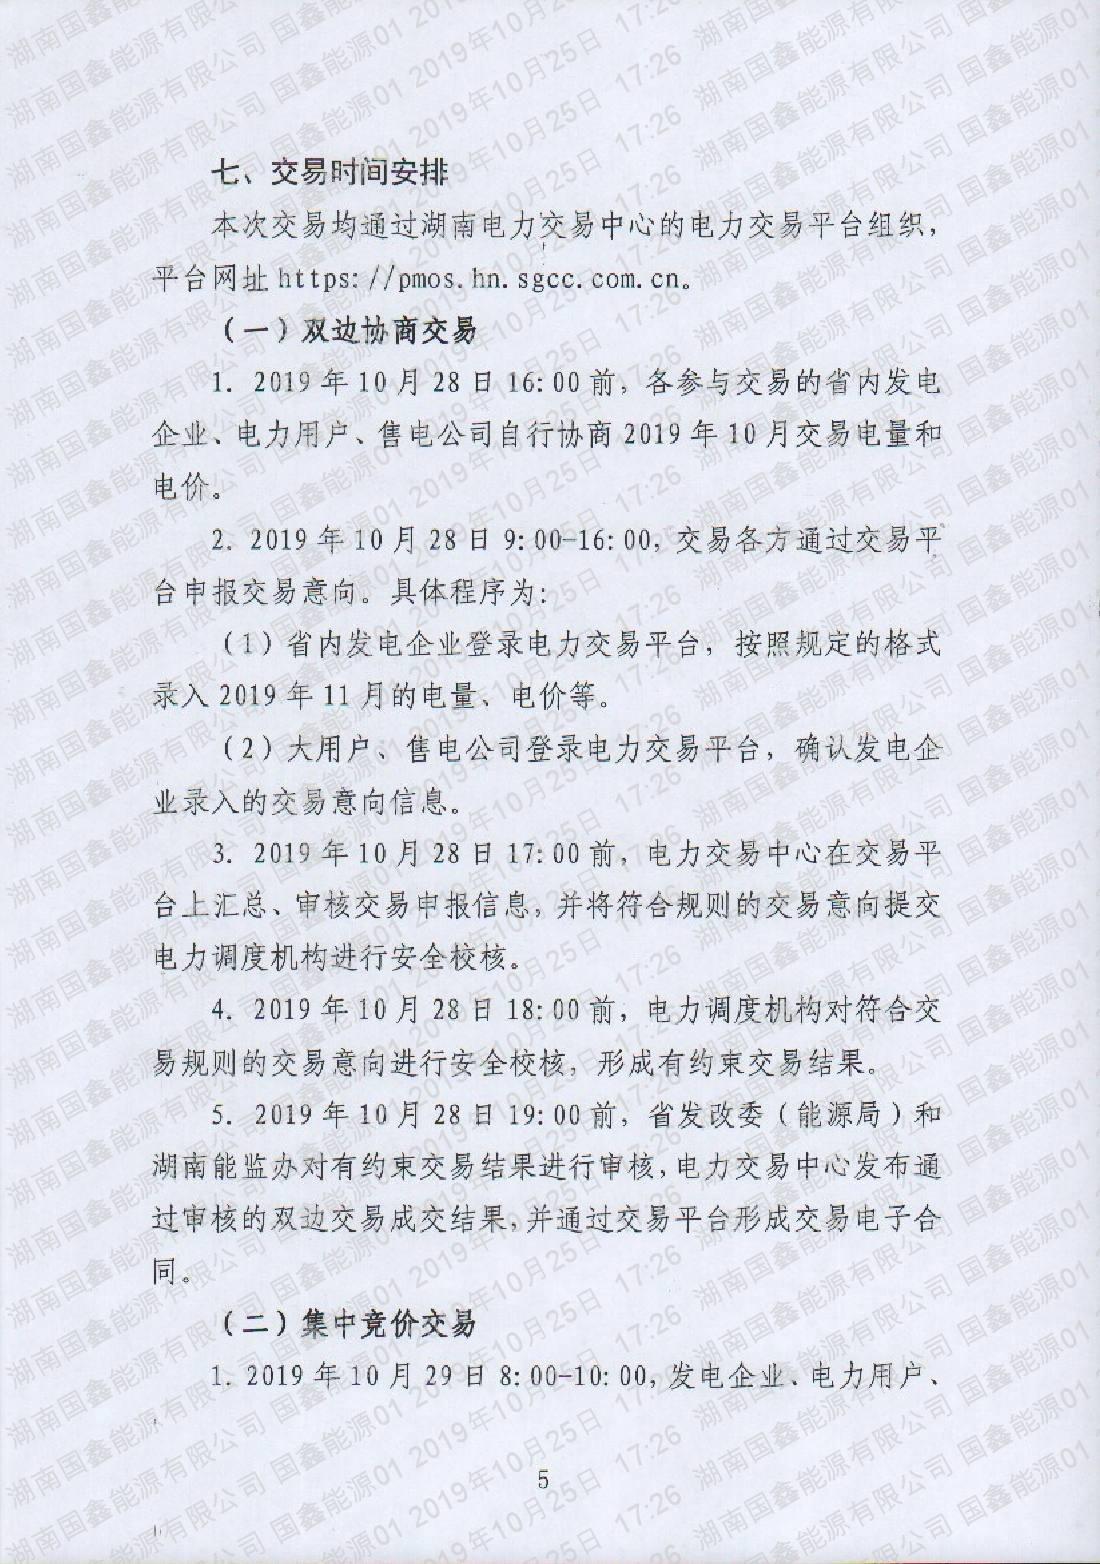 2019年第28号交易公告(11月月度交易).pdf_page_5_compressed.jpg